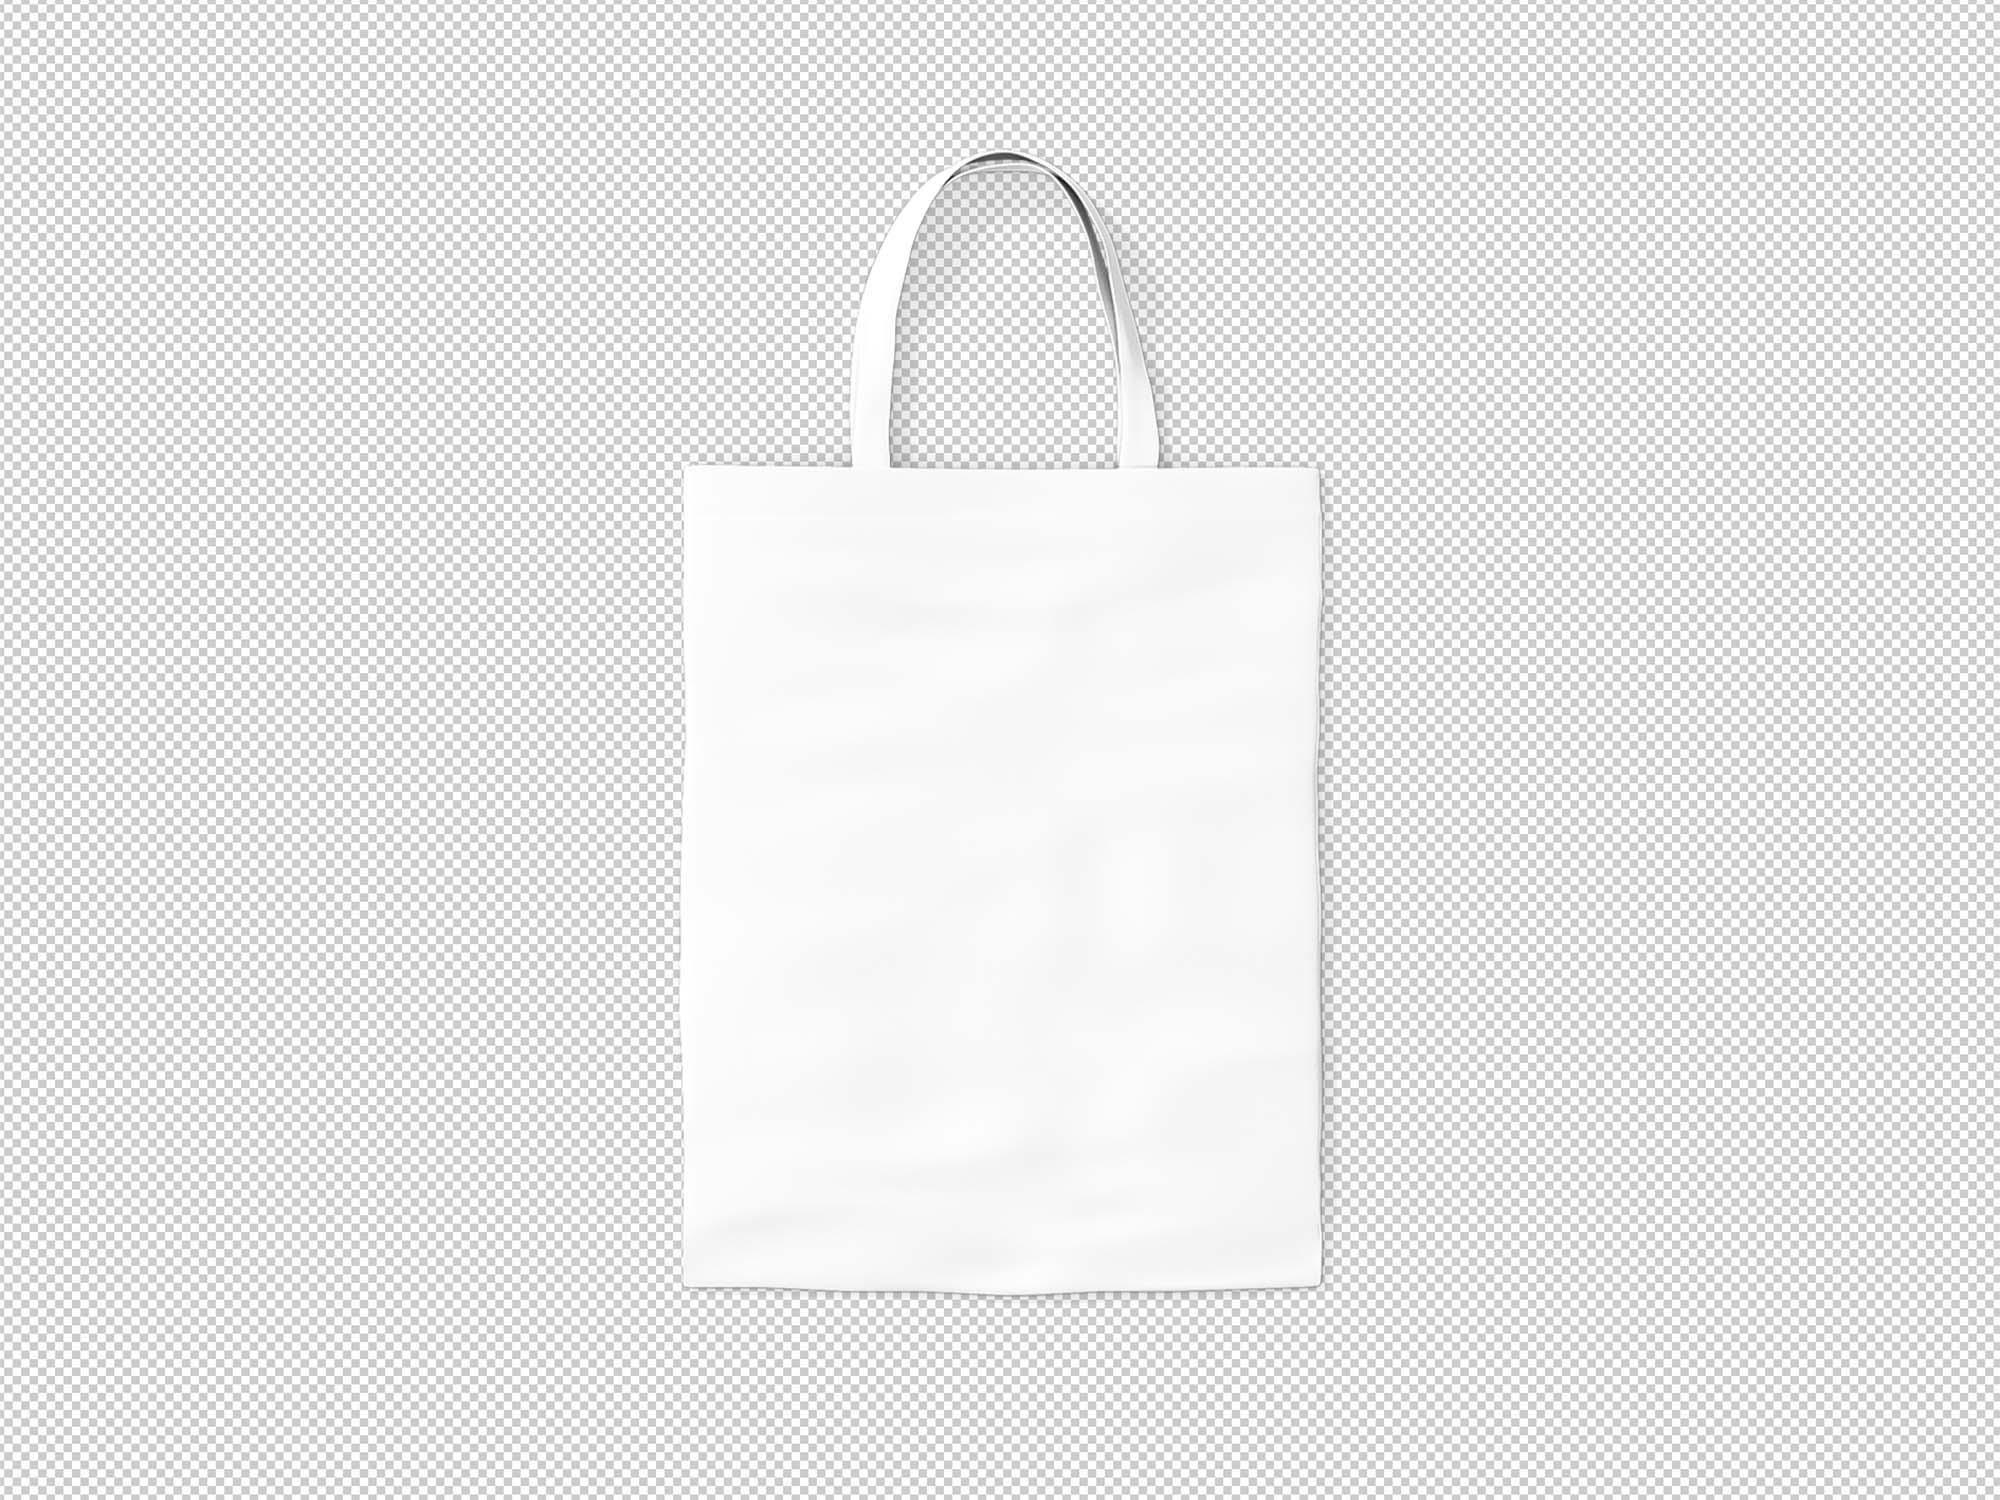 free canvas tote bag mockup psd set. Free Tote Bag Mockup Psd